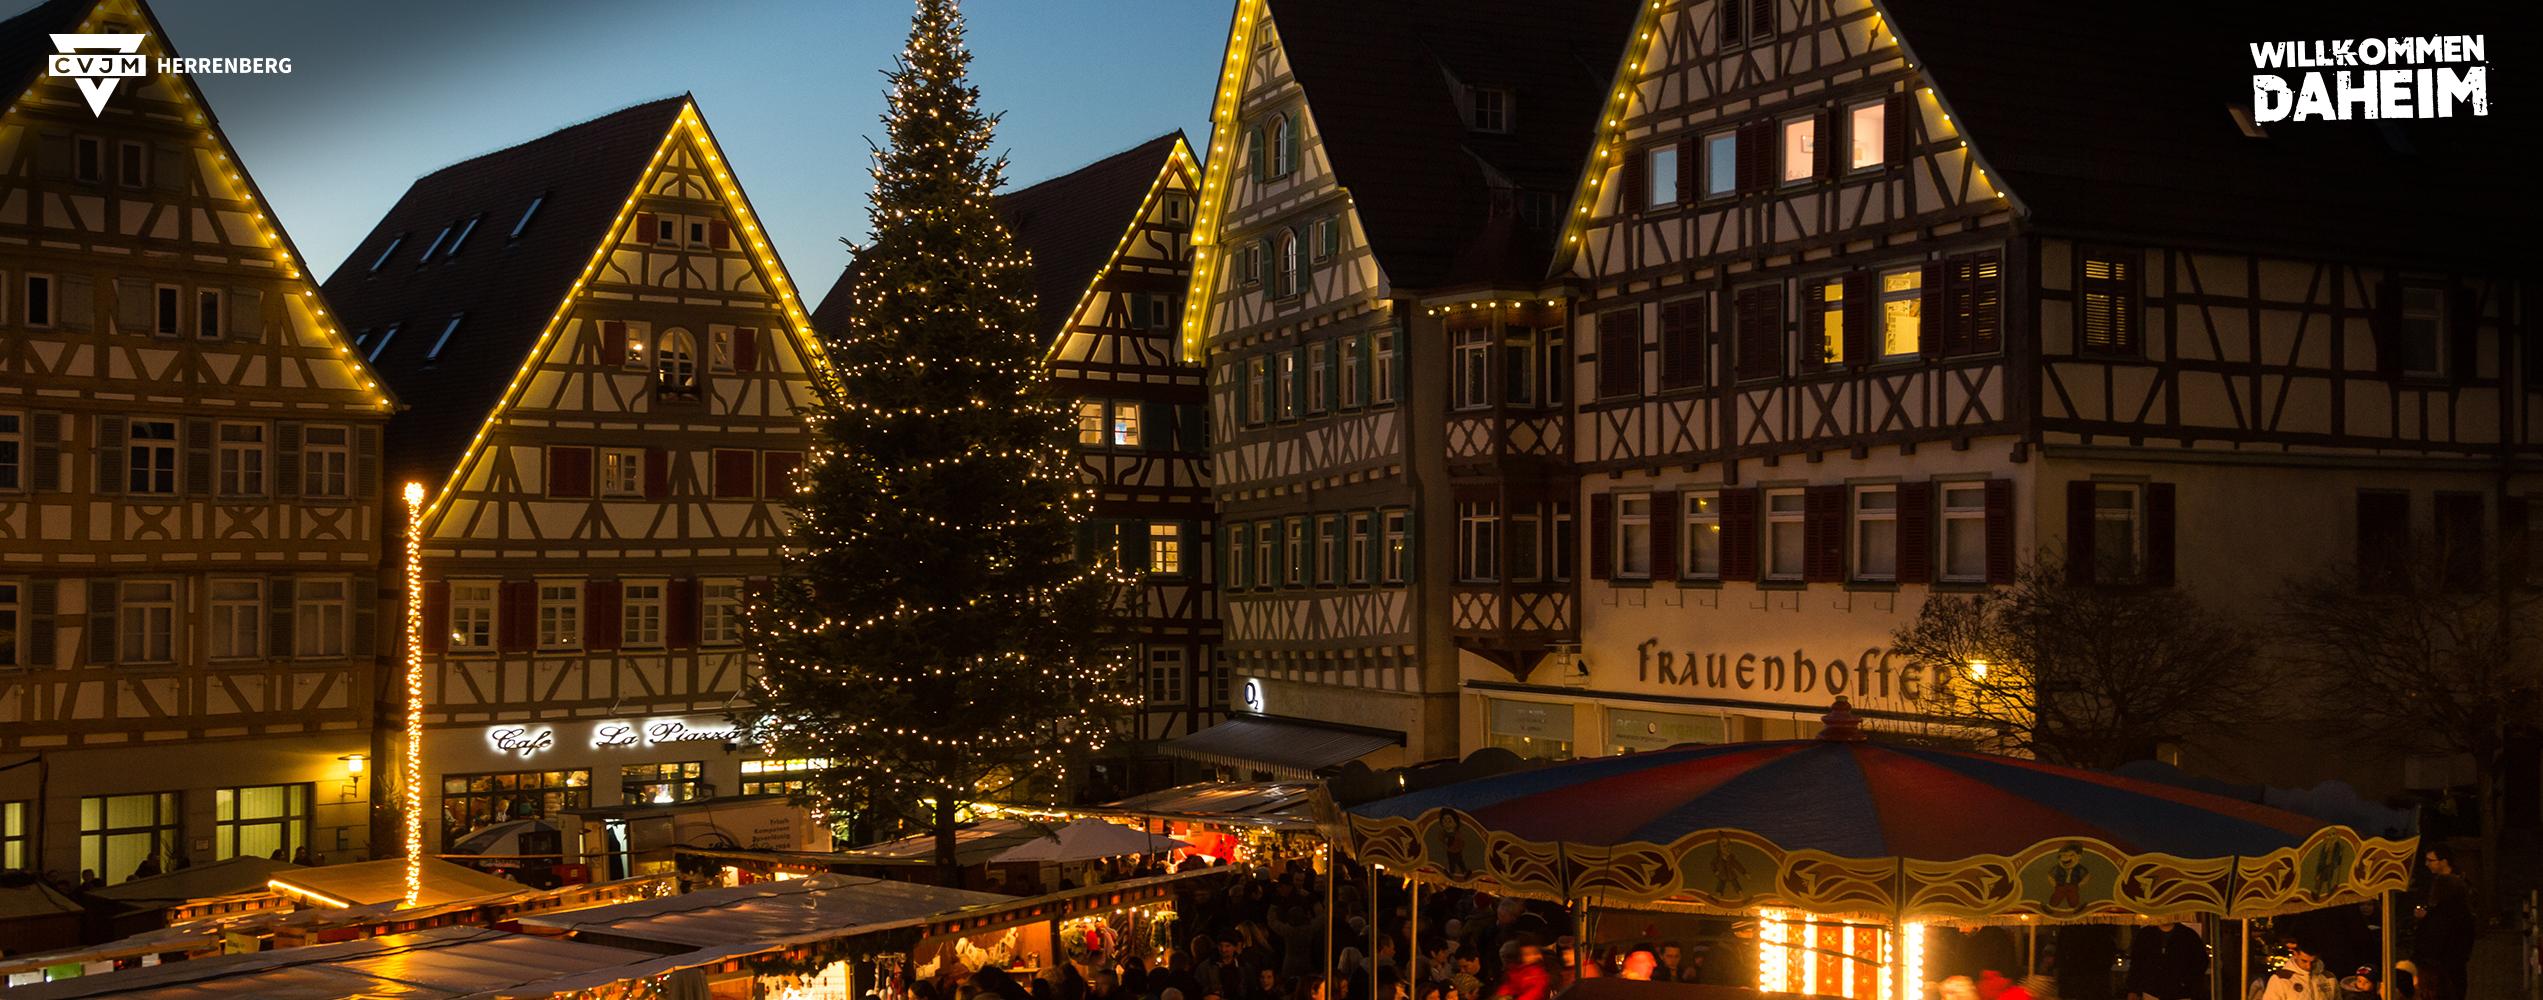 Weihnachtsmarkt Herrenberg - besuchen Sie uns!